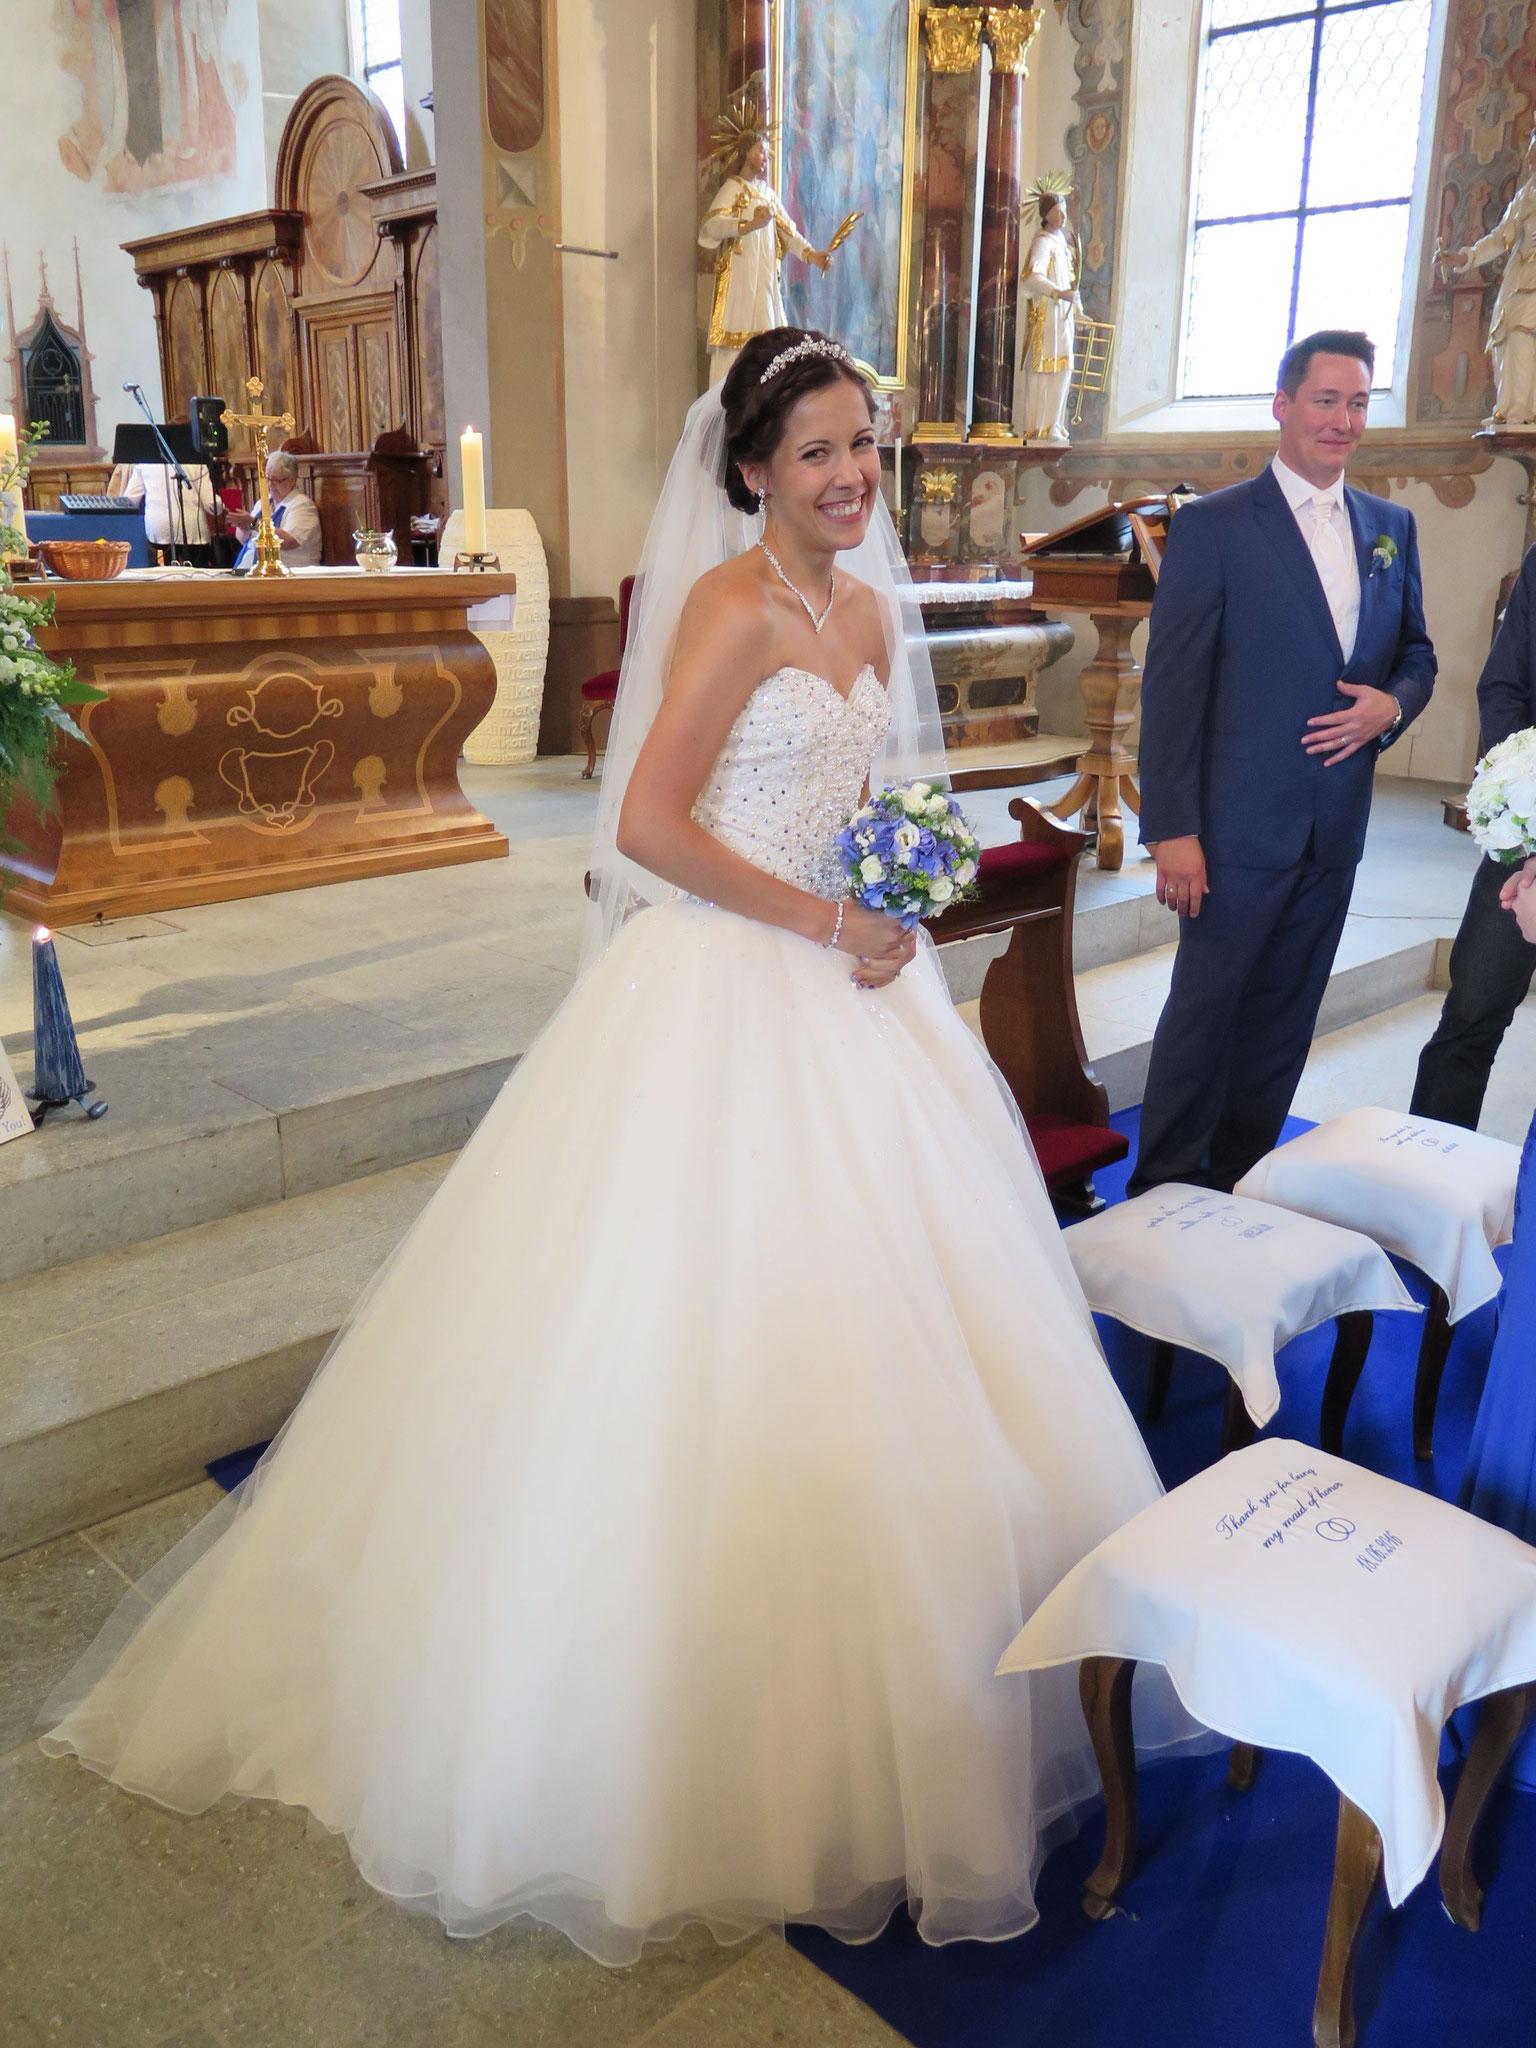 """Das Schlussgebet: """"Wir bitten Dich, gütiger Gott, weil wir Dir vertrauen: Segne dieses Brautpaar!"""""""